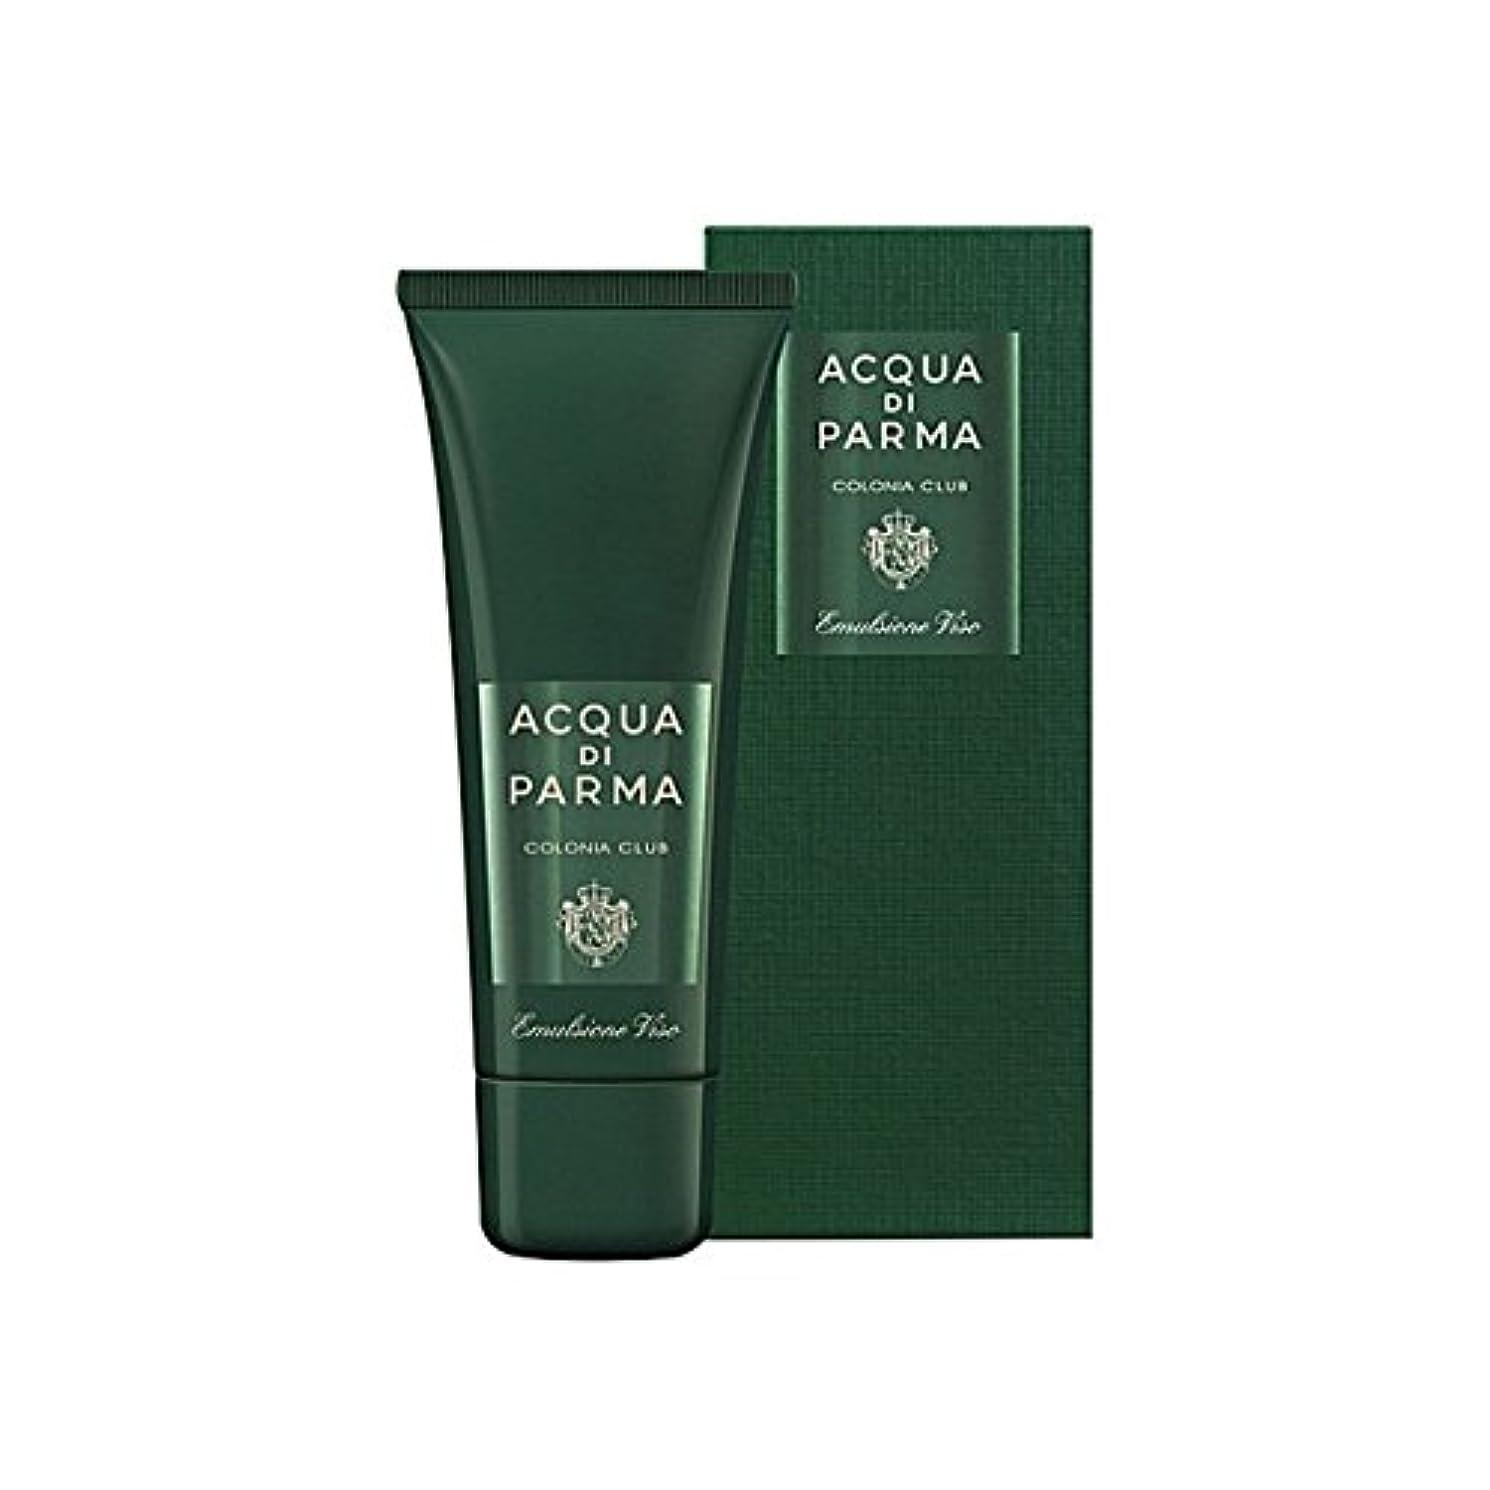 こどもの日令状最大アクアディパルマコロニアクラブフェースエマルジョン75ミリリットル x2 - Acqua Di Parma Colonia Club Face Emulsion 75ml (Pack of 2) [並行輸入品]